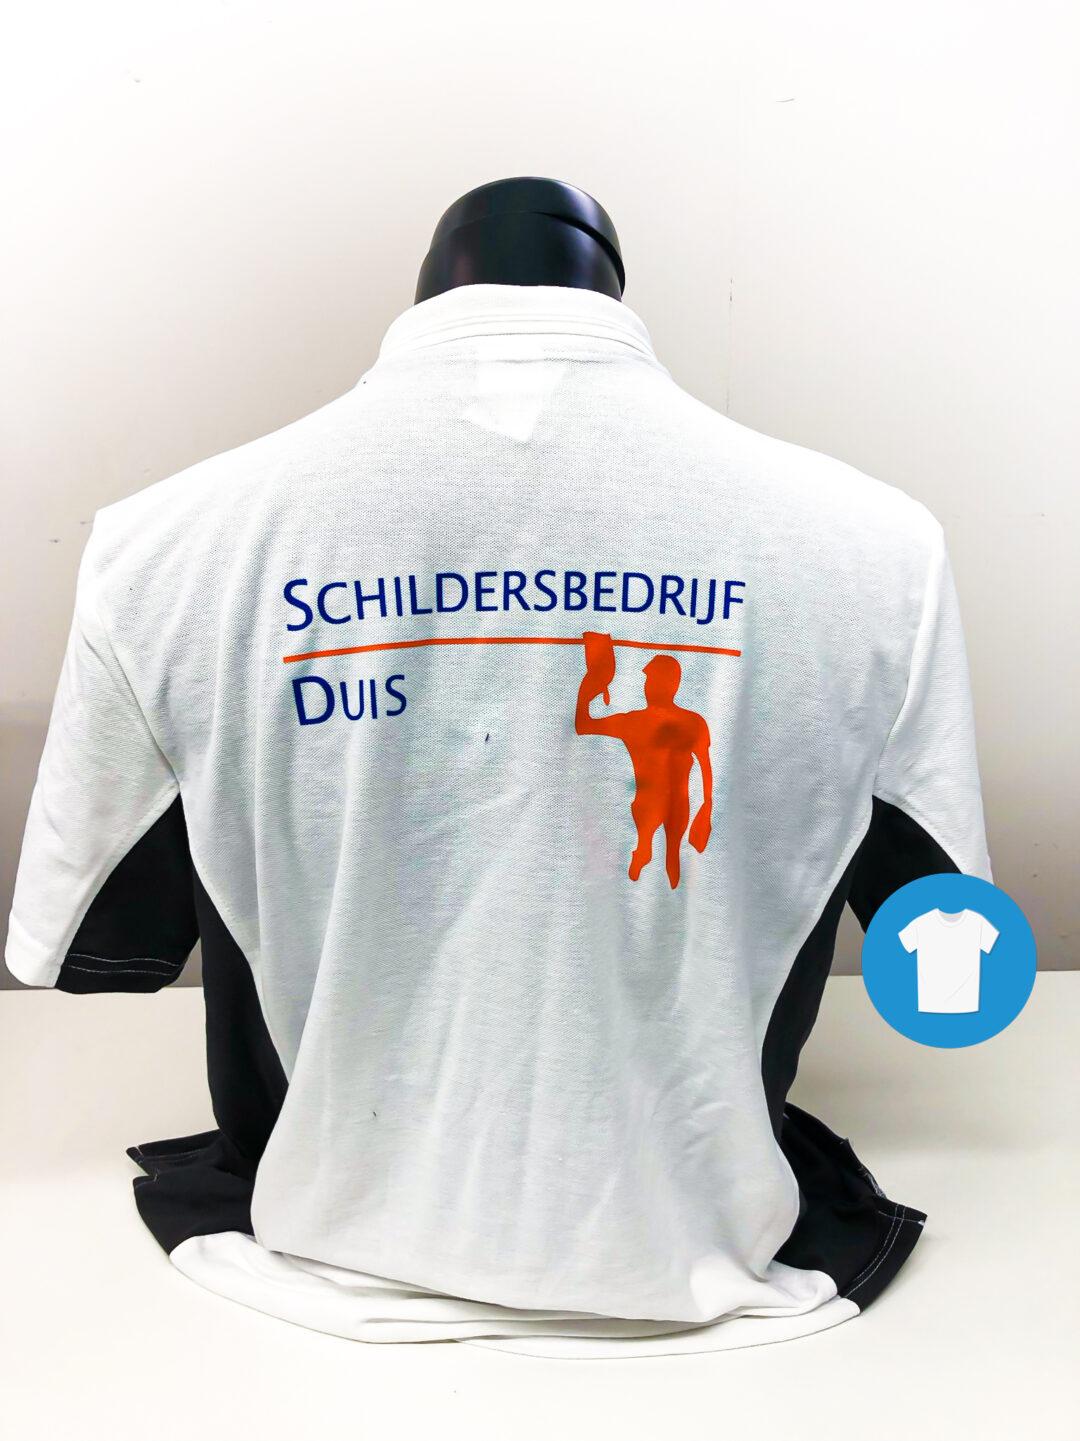 Signaal Bedrijfskleding // Schildersbedrijf Duis // Werkkleding voorzien van een borst- en ruglogo